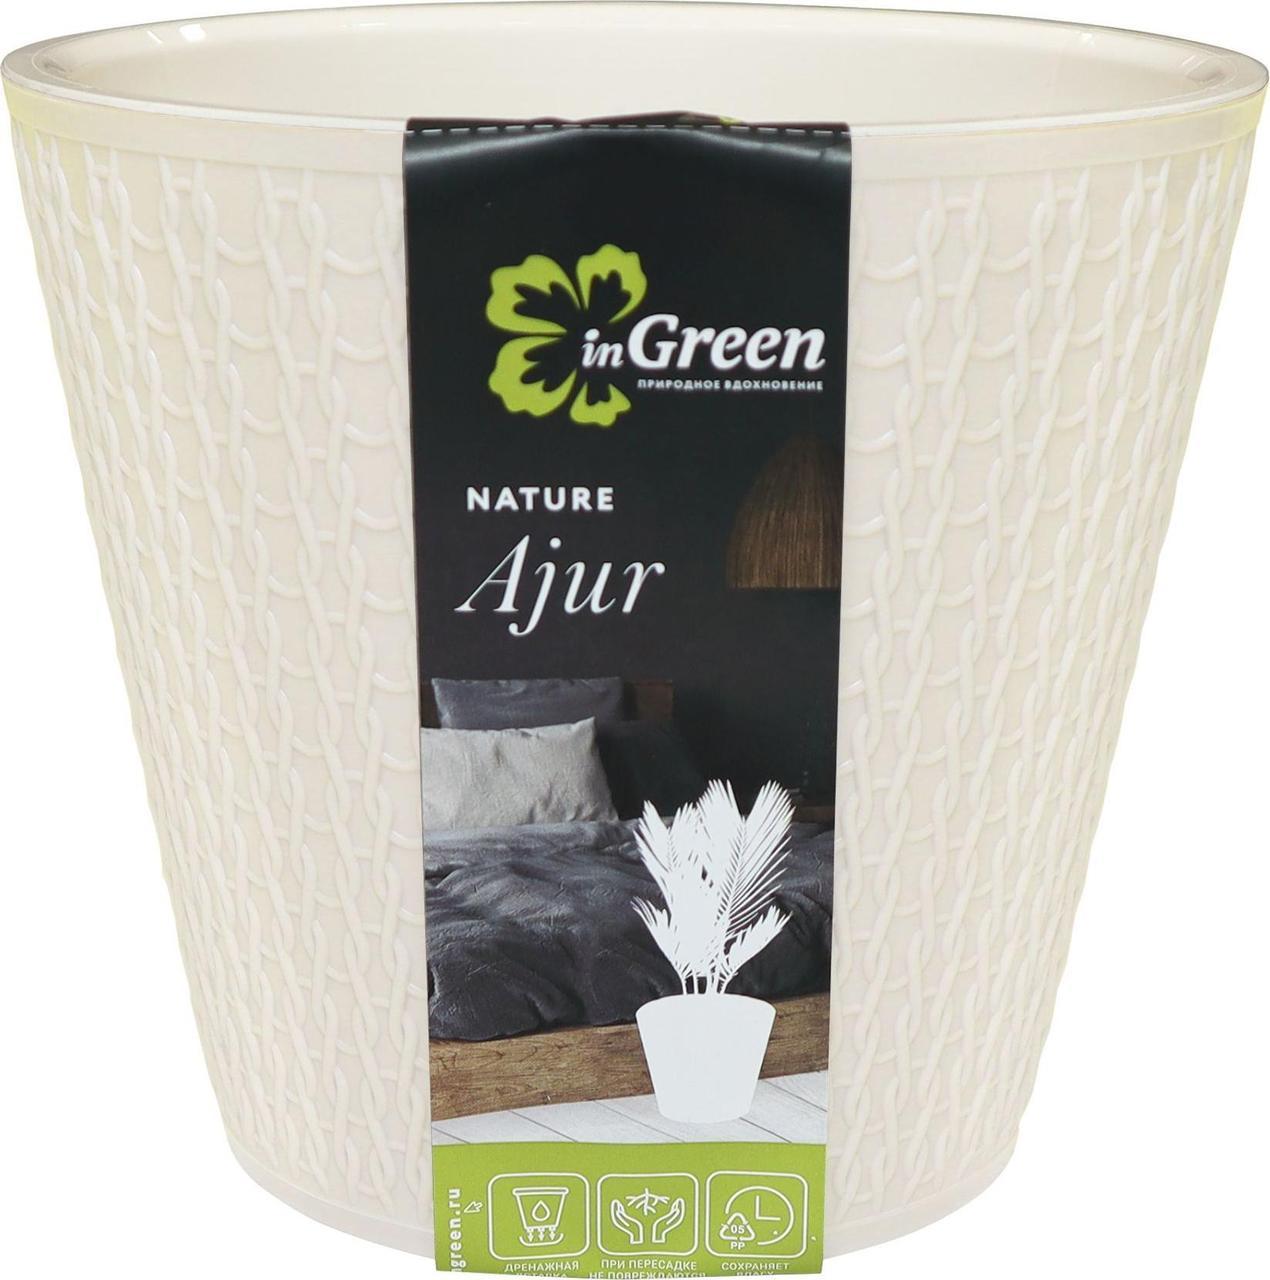 Горшок для цветов Ajur D 230мм, 5л сливочный